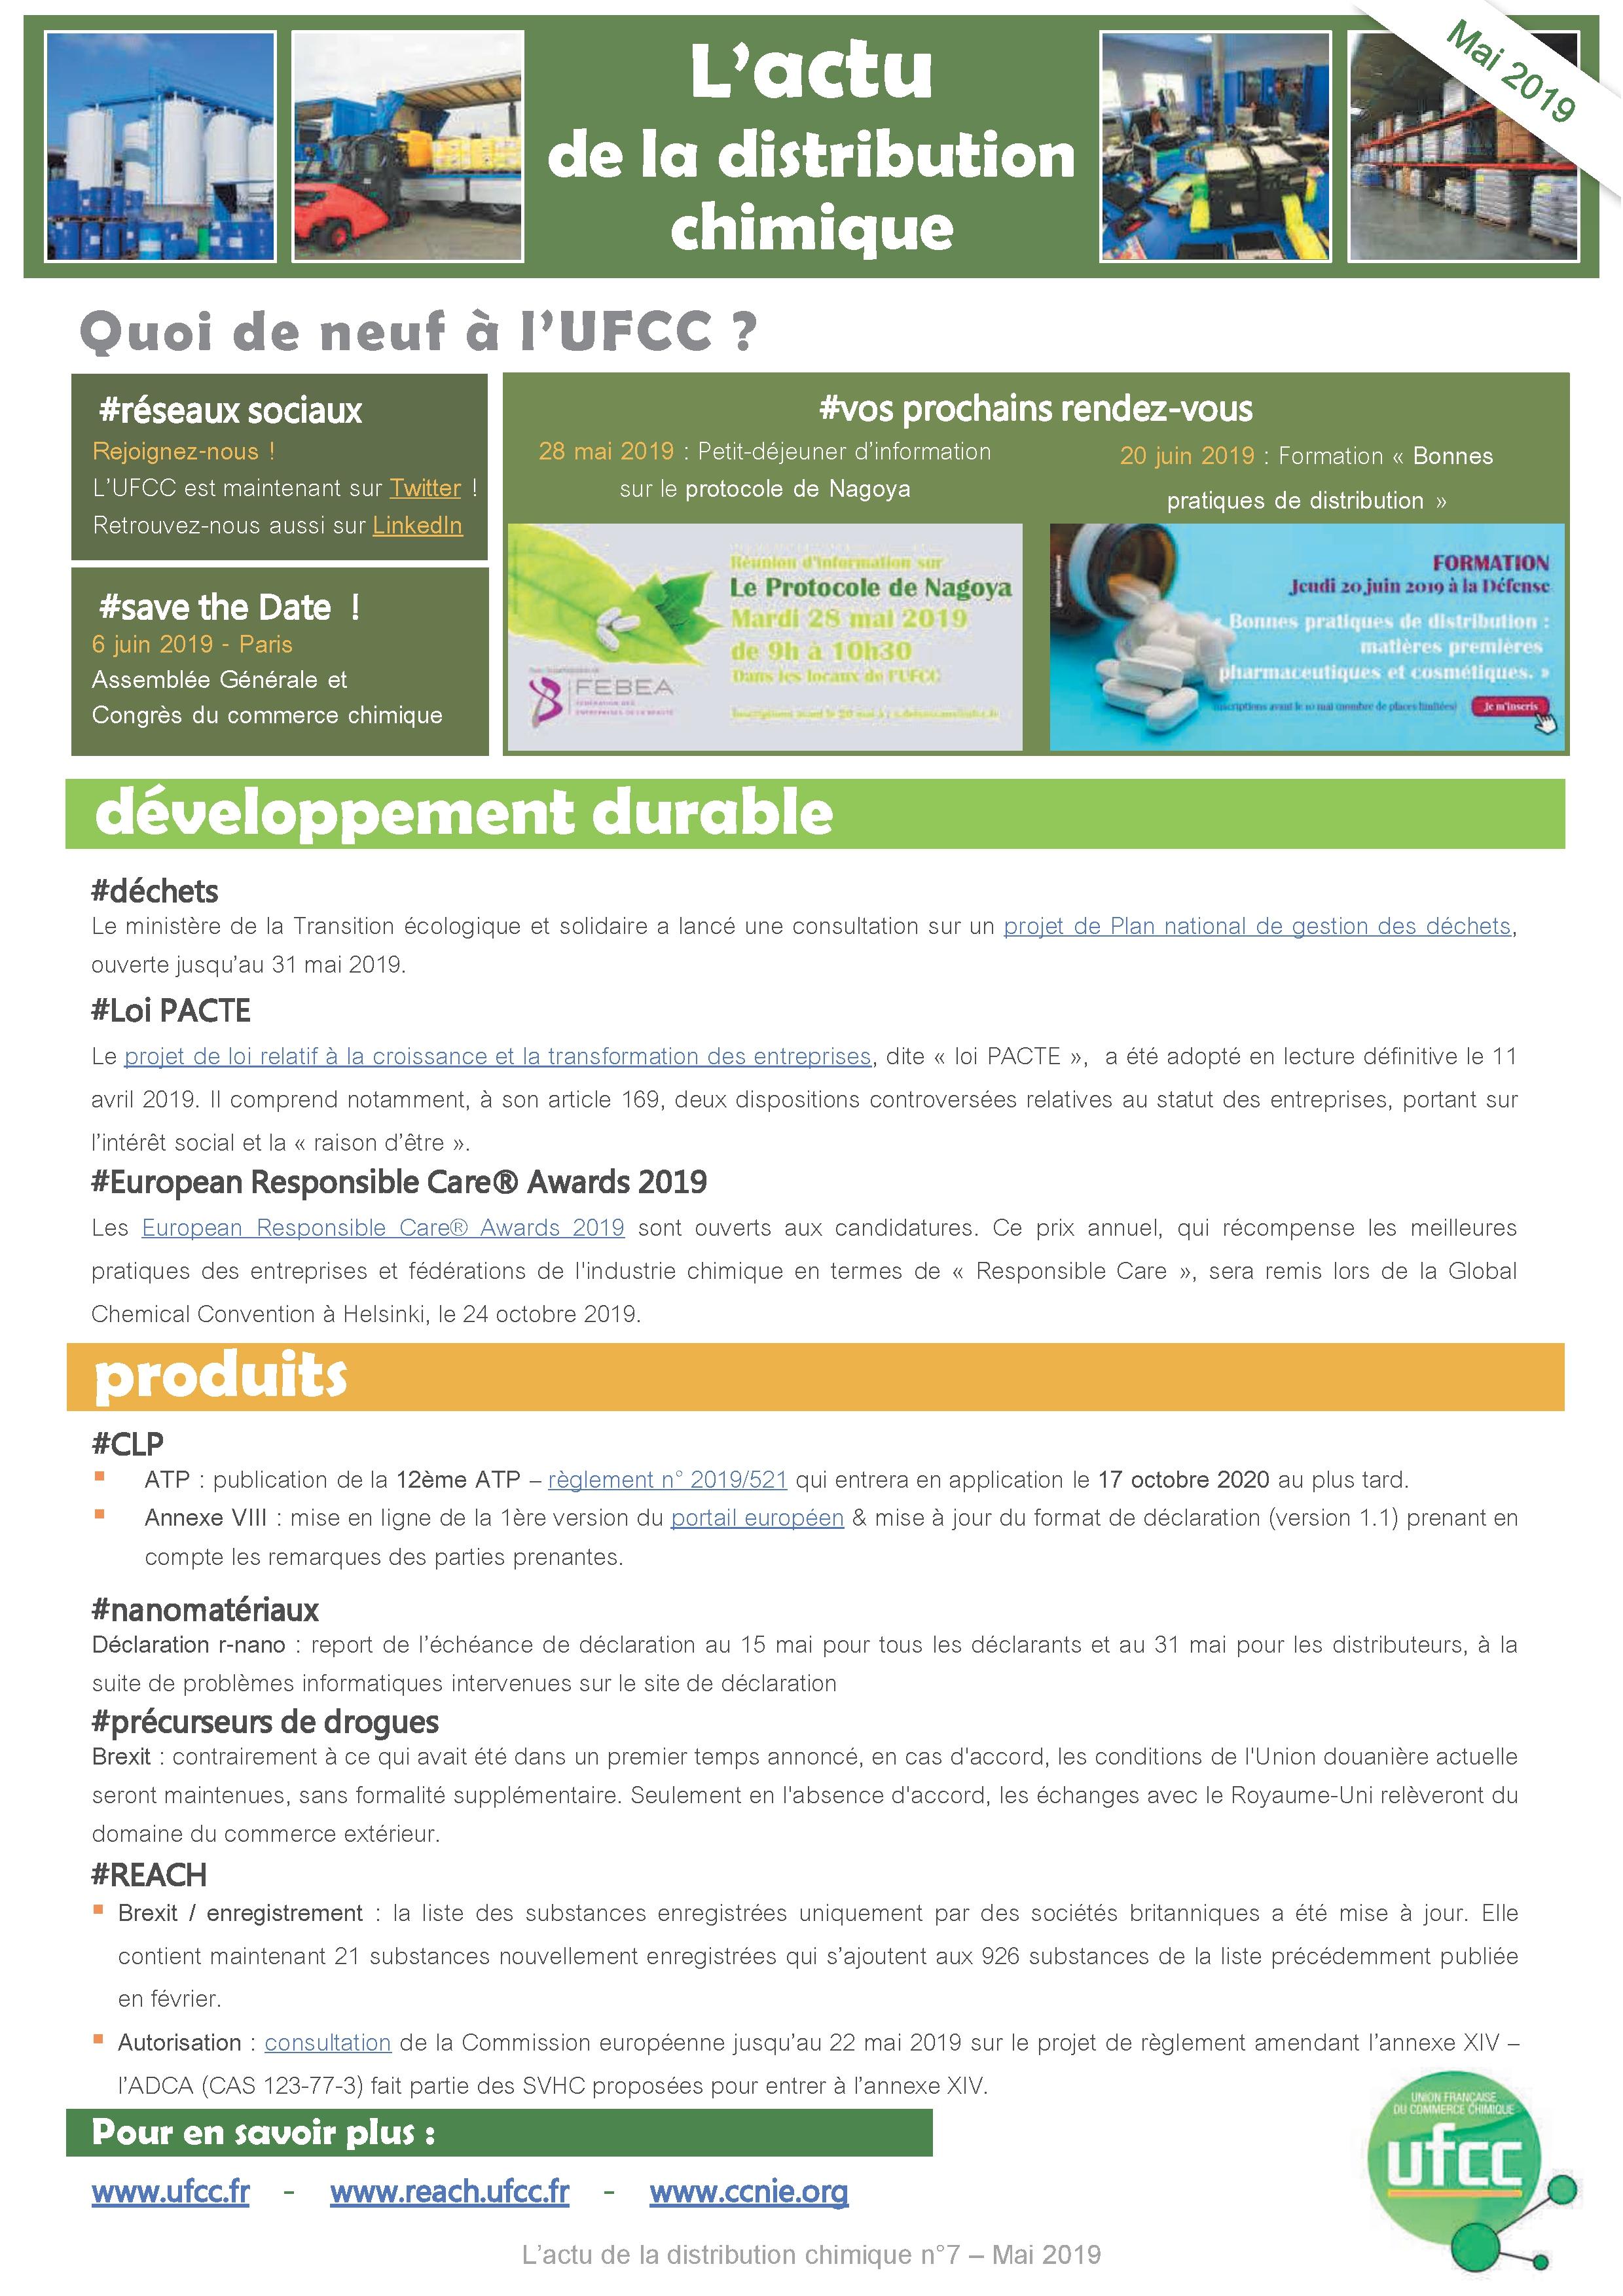 Protocole pour la datation en ligne